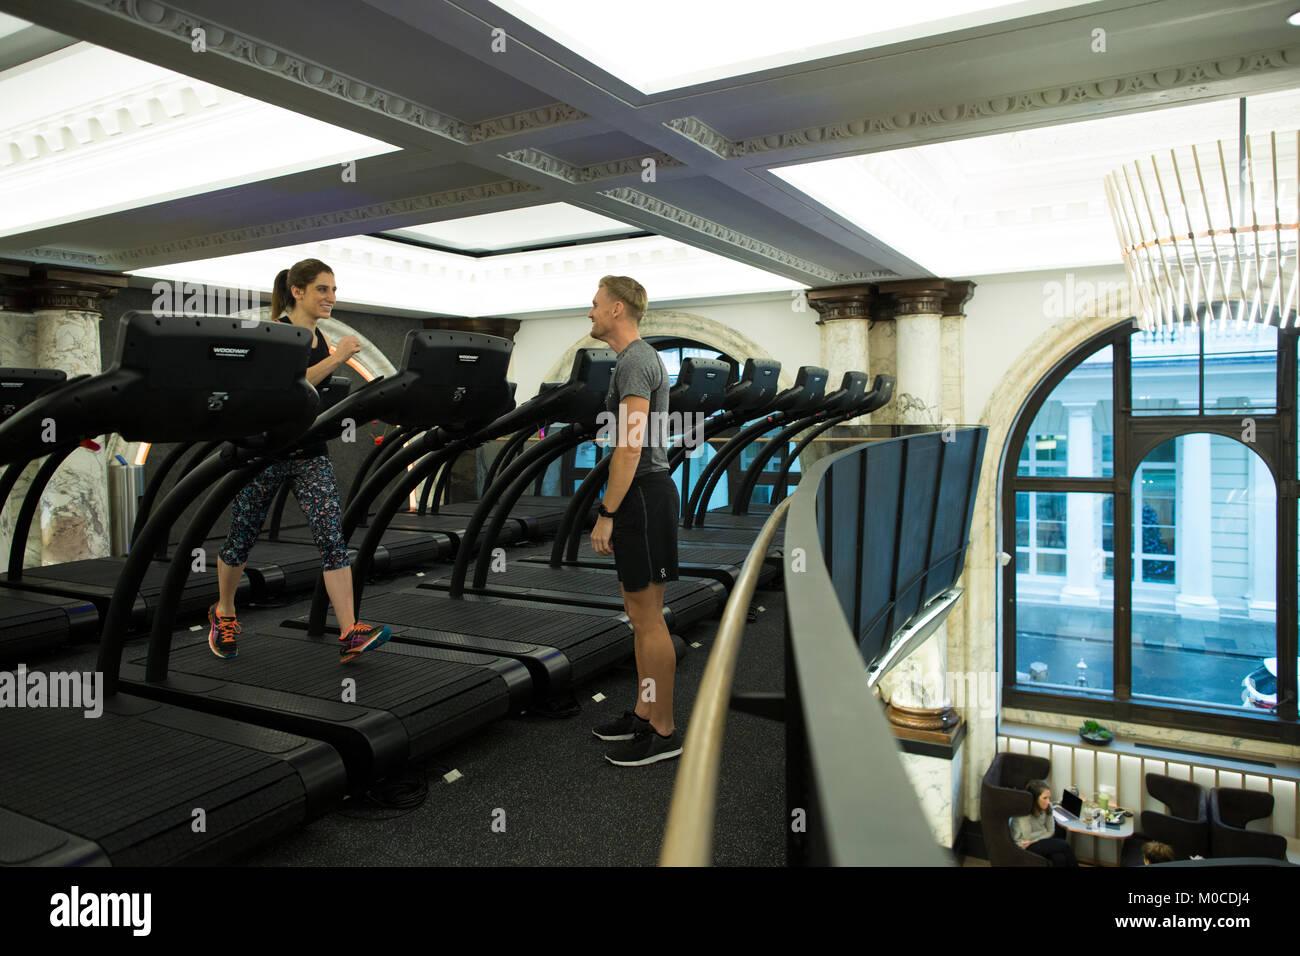 E por el equinoccio, de gama alta de lujo gimnasio, en el nº12 de St James's Street, Londres, Inglaterra, Imagen De Stock